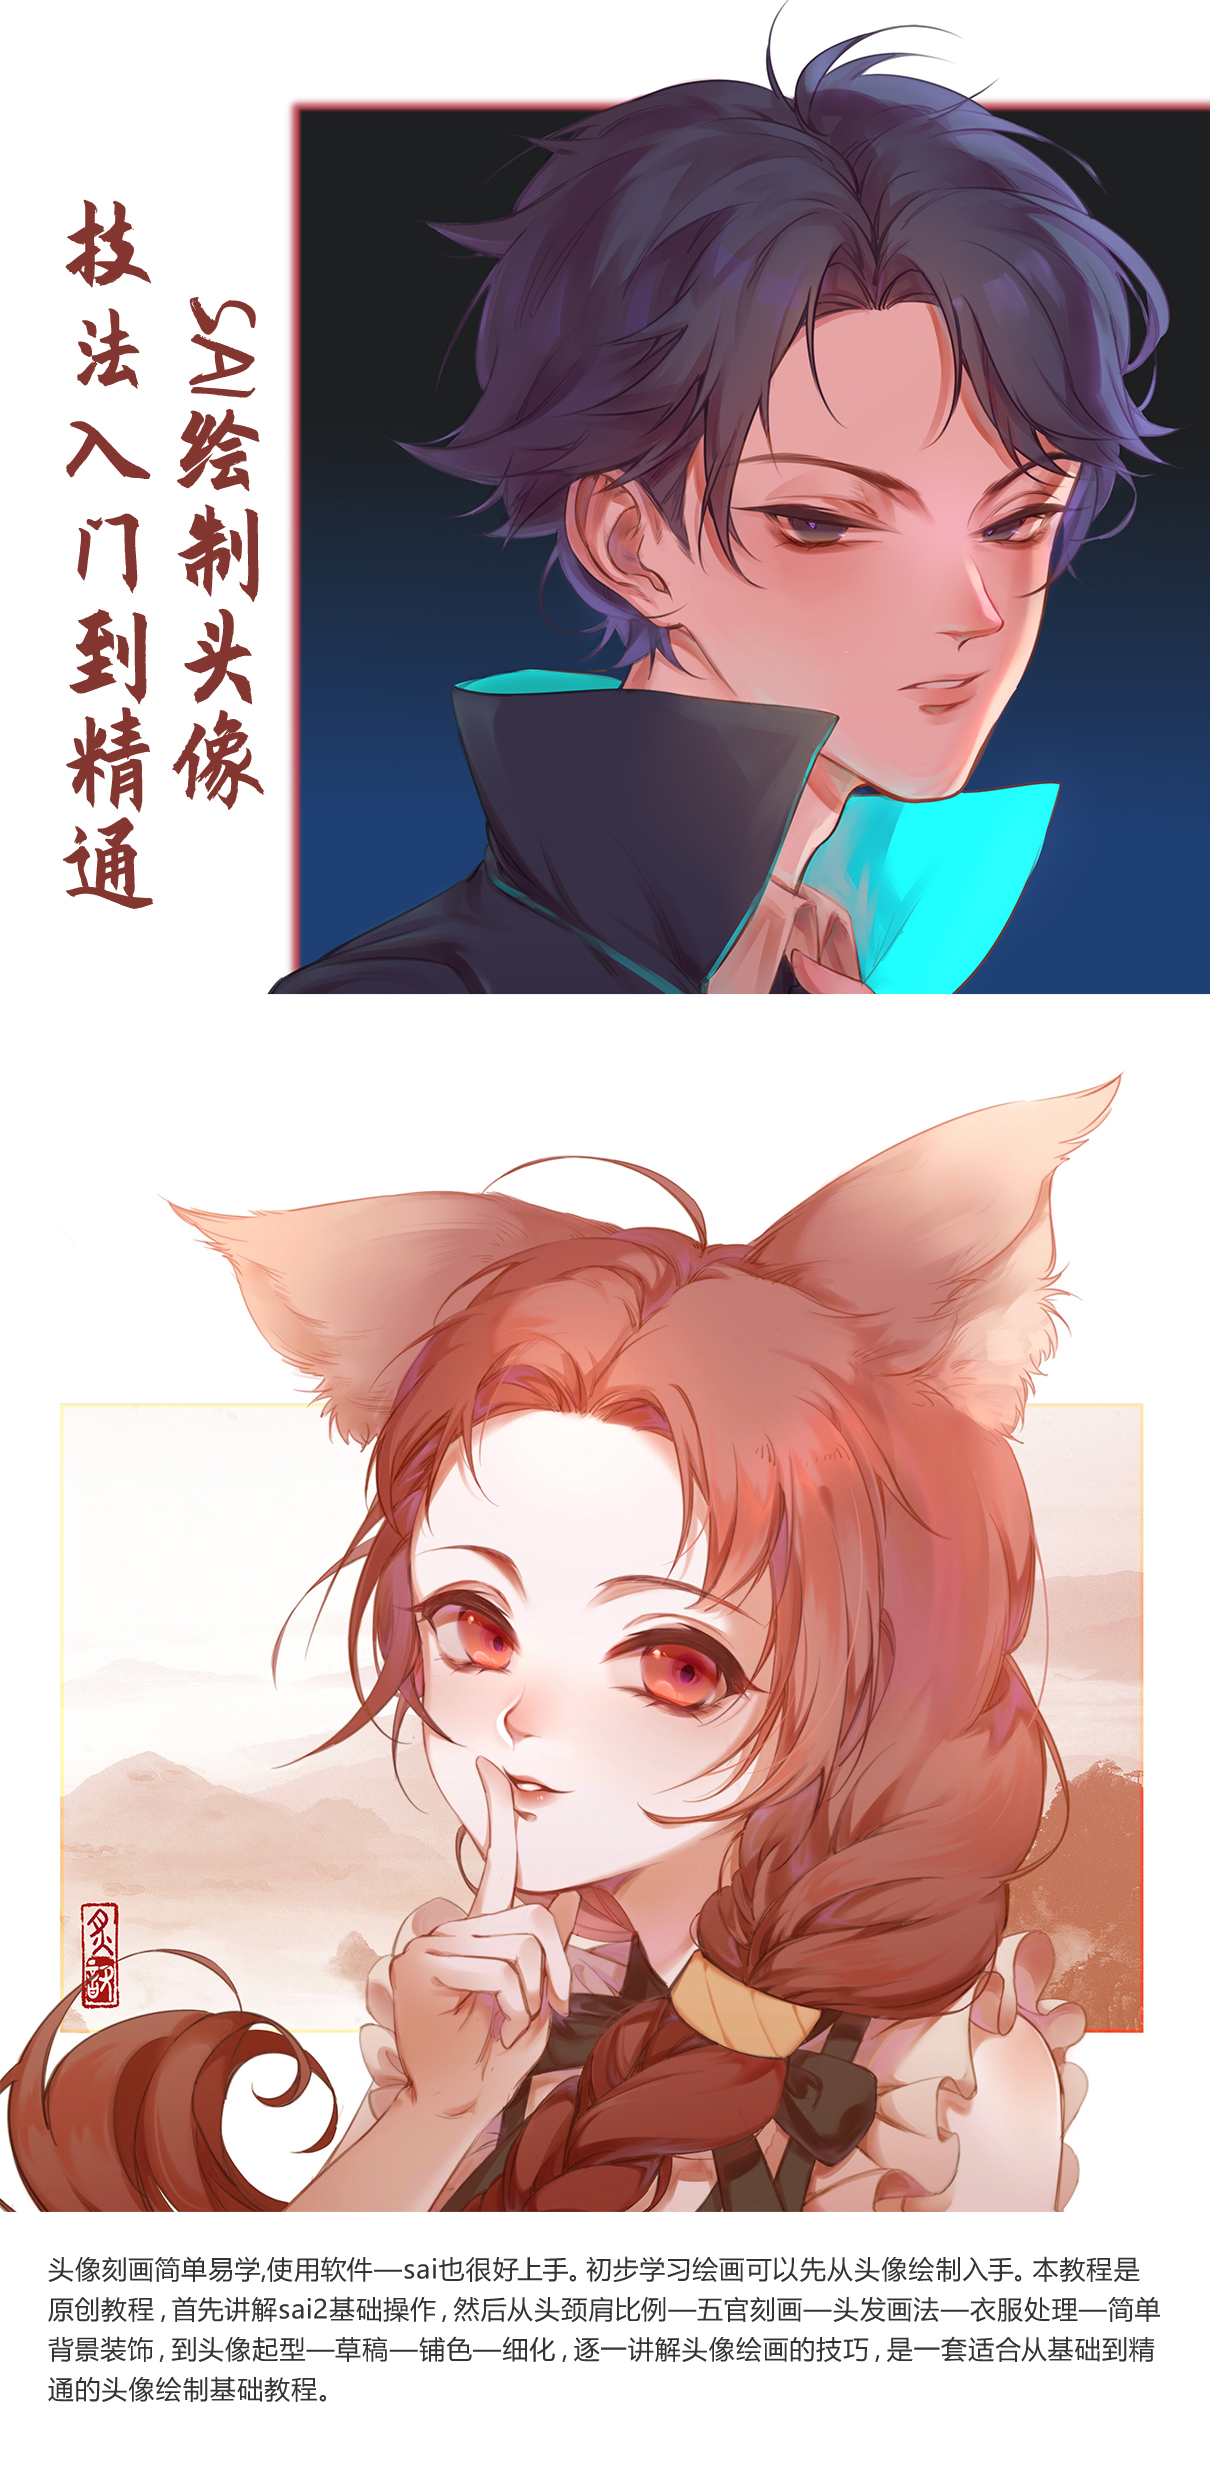 海報封面圖_01.jpg